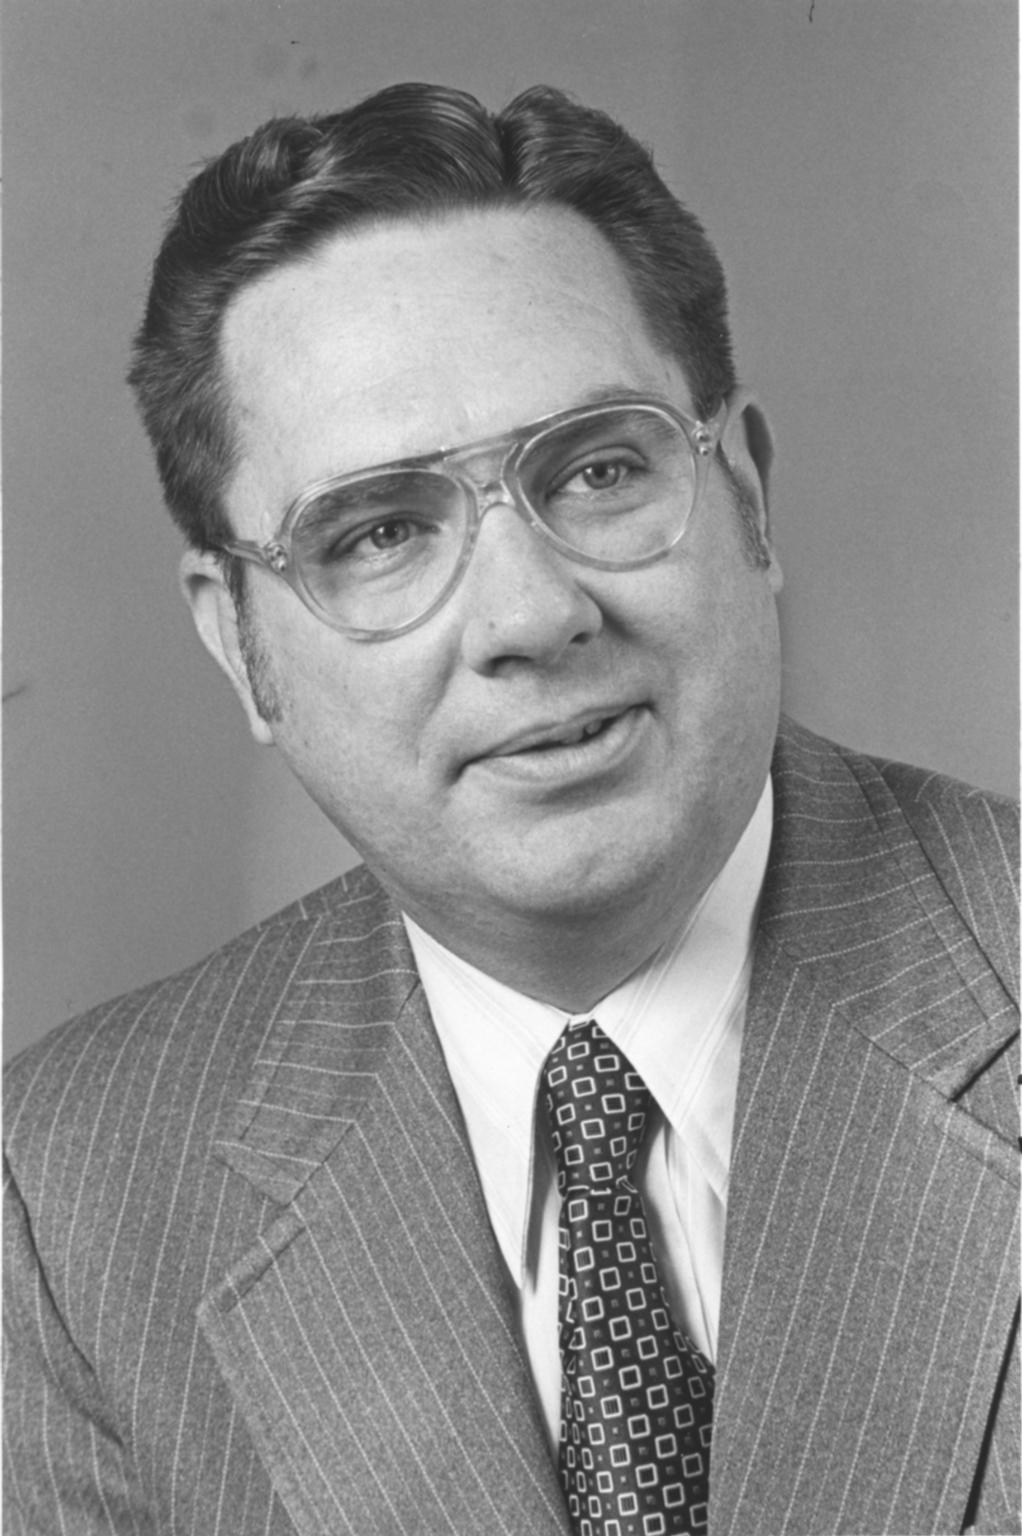 Todd H. Bullard